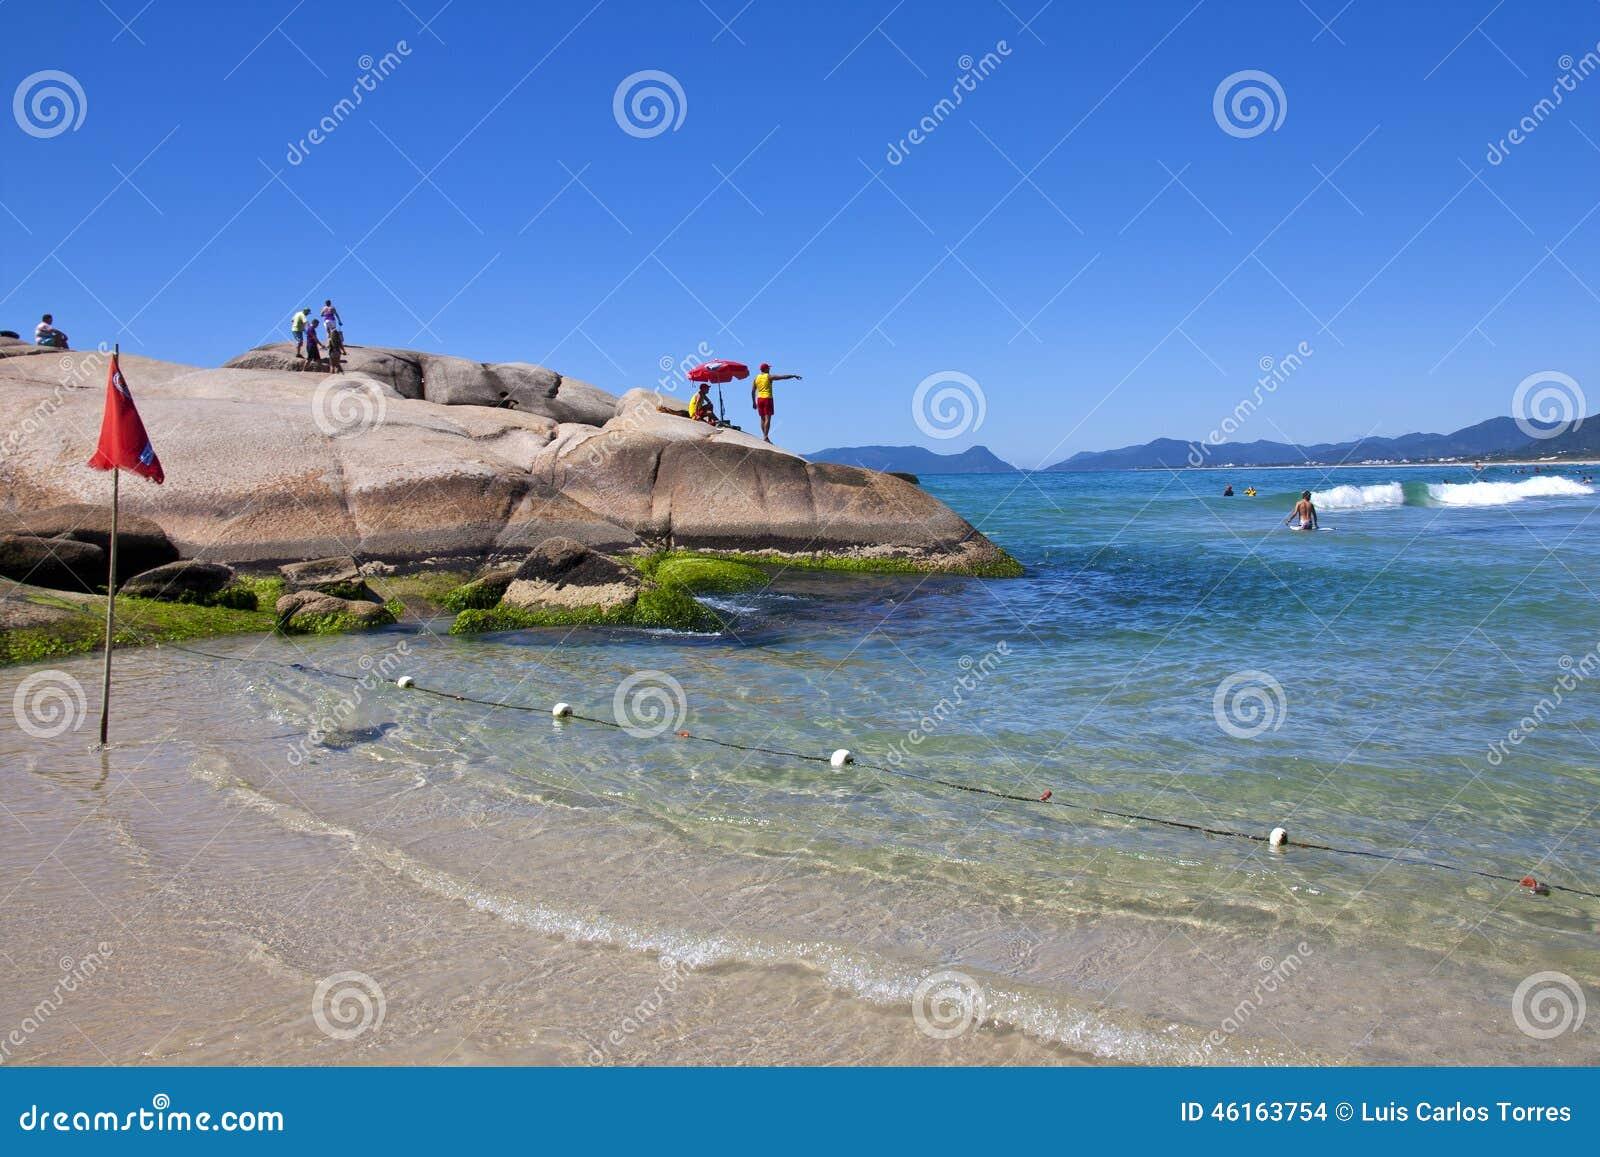 Maître nageurs observant des touristes